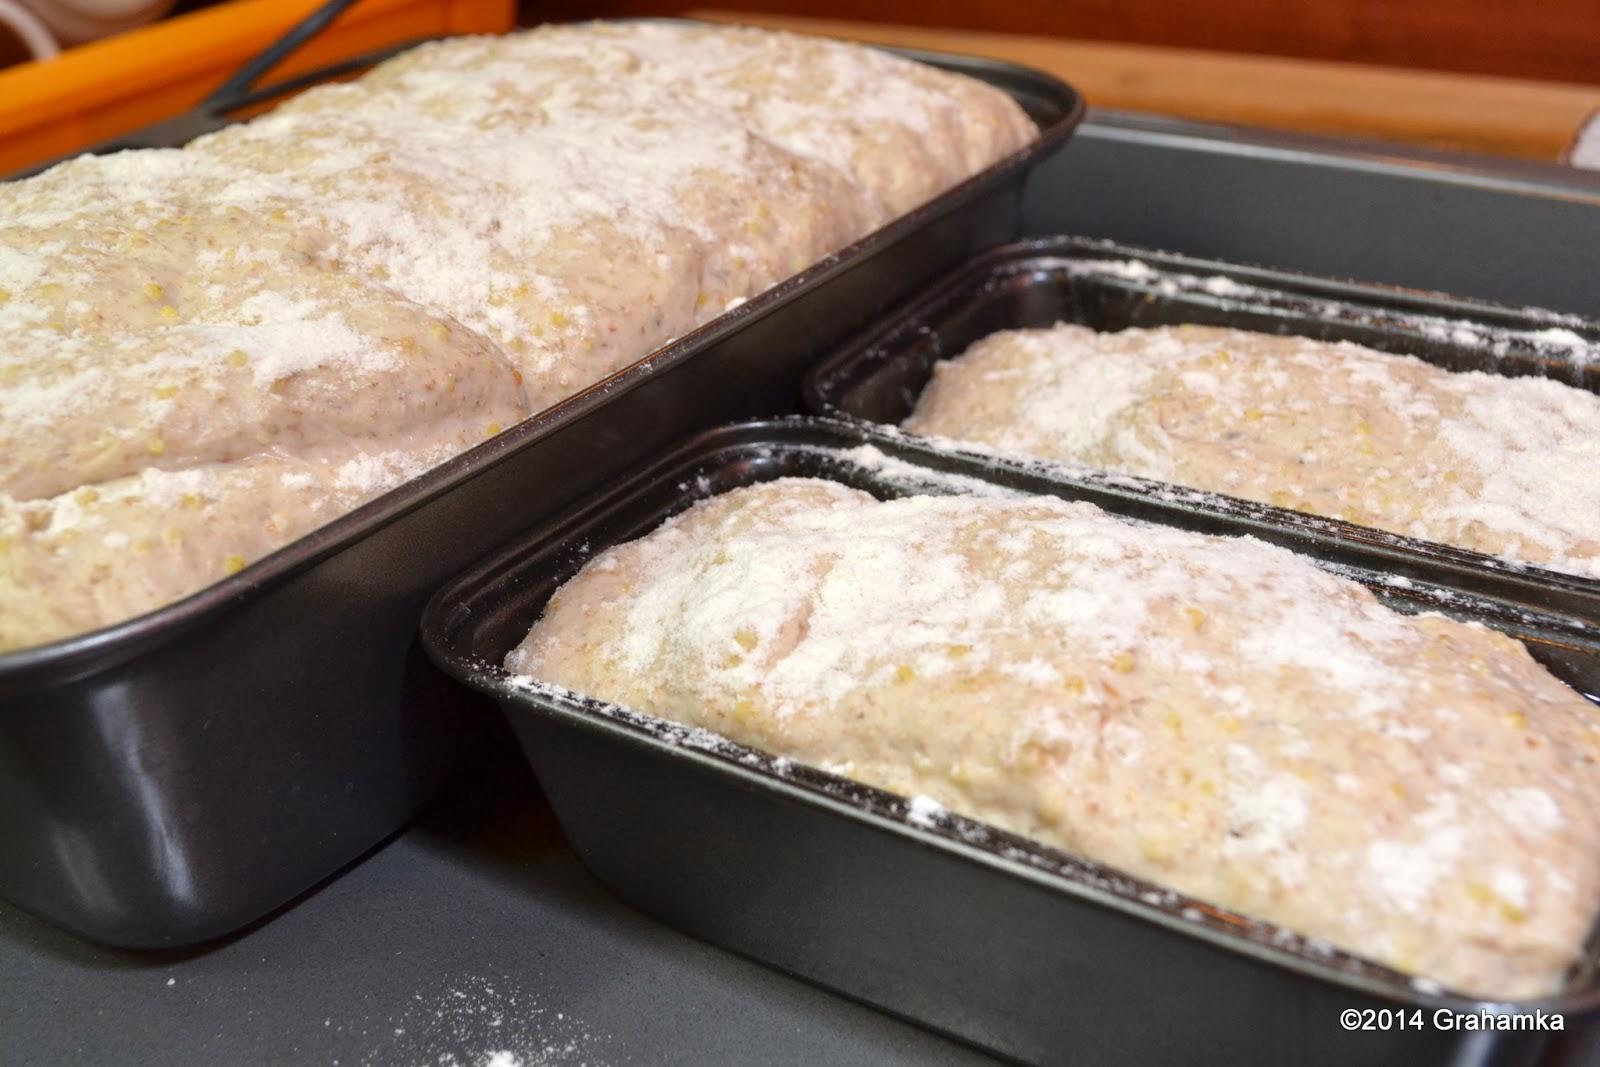 Chleb wyrasta. Niedługo wjedzie do piekarnika.